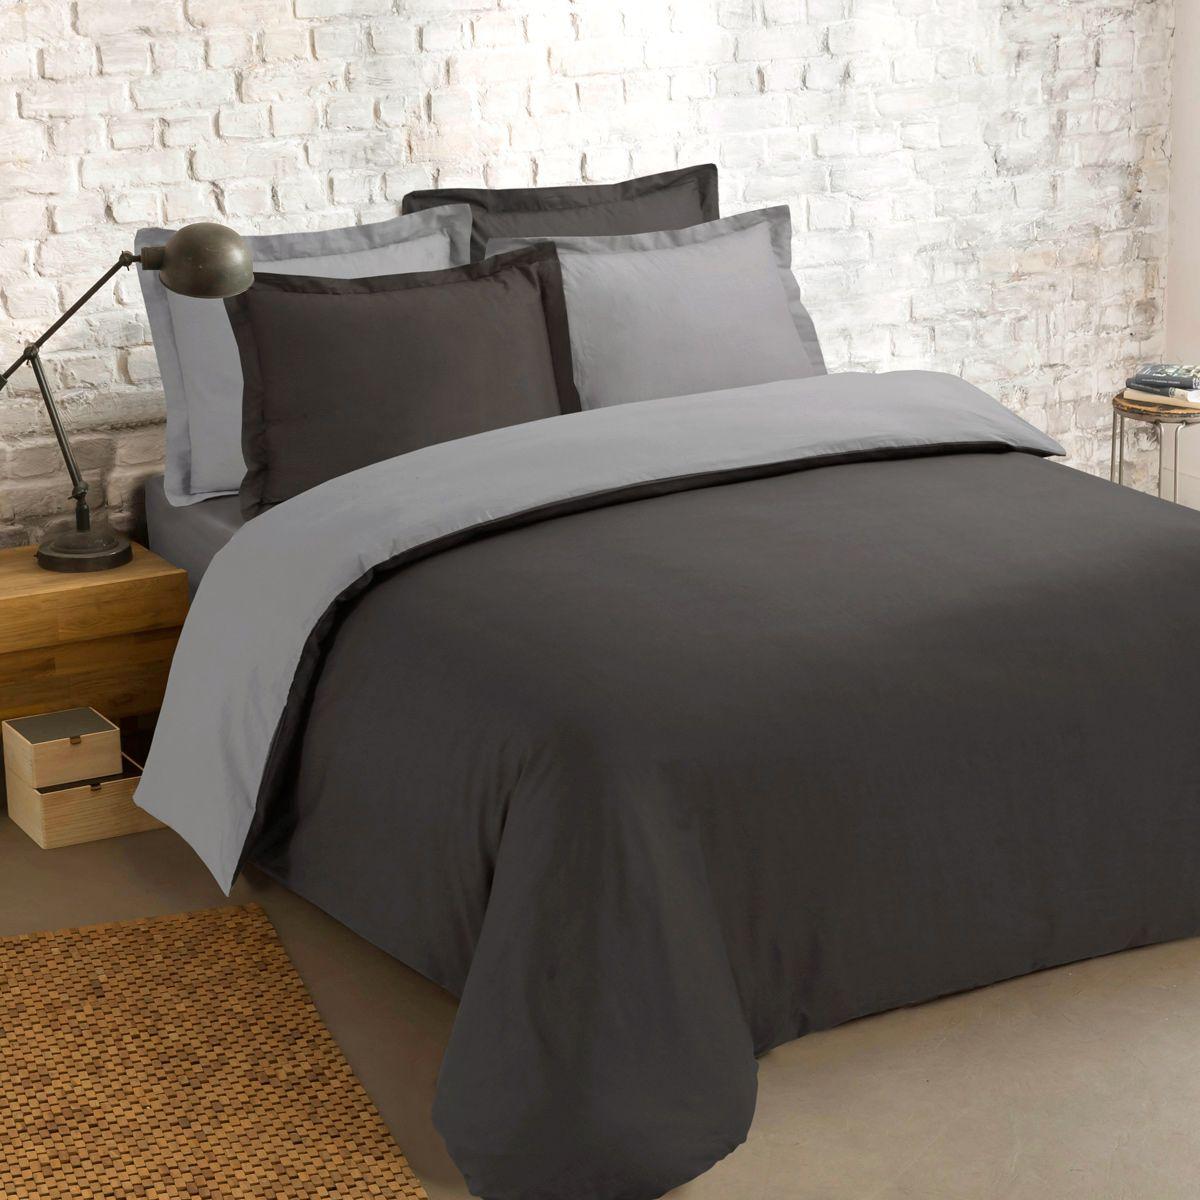 housse de couette et deux taies 240 cm bi color gris et anthracite housse de couette eminza. Black Bedroom Furniture Sets. Home Design Ideas